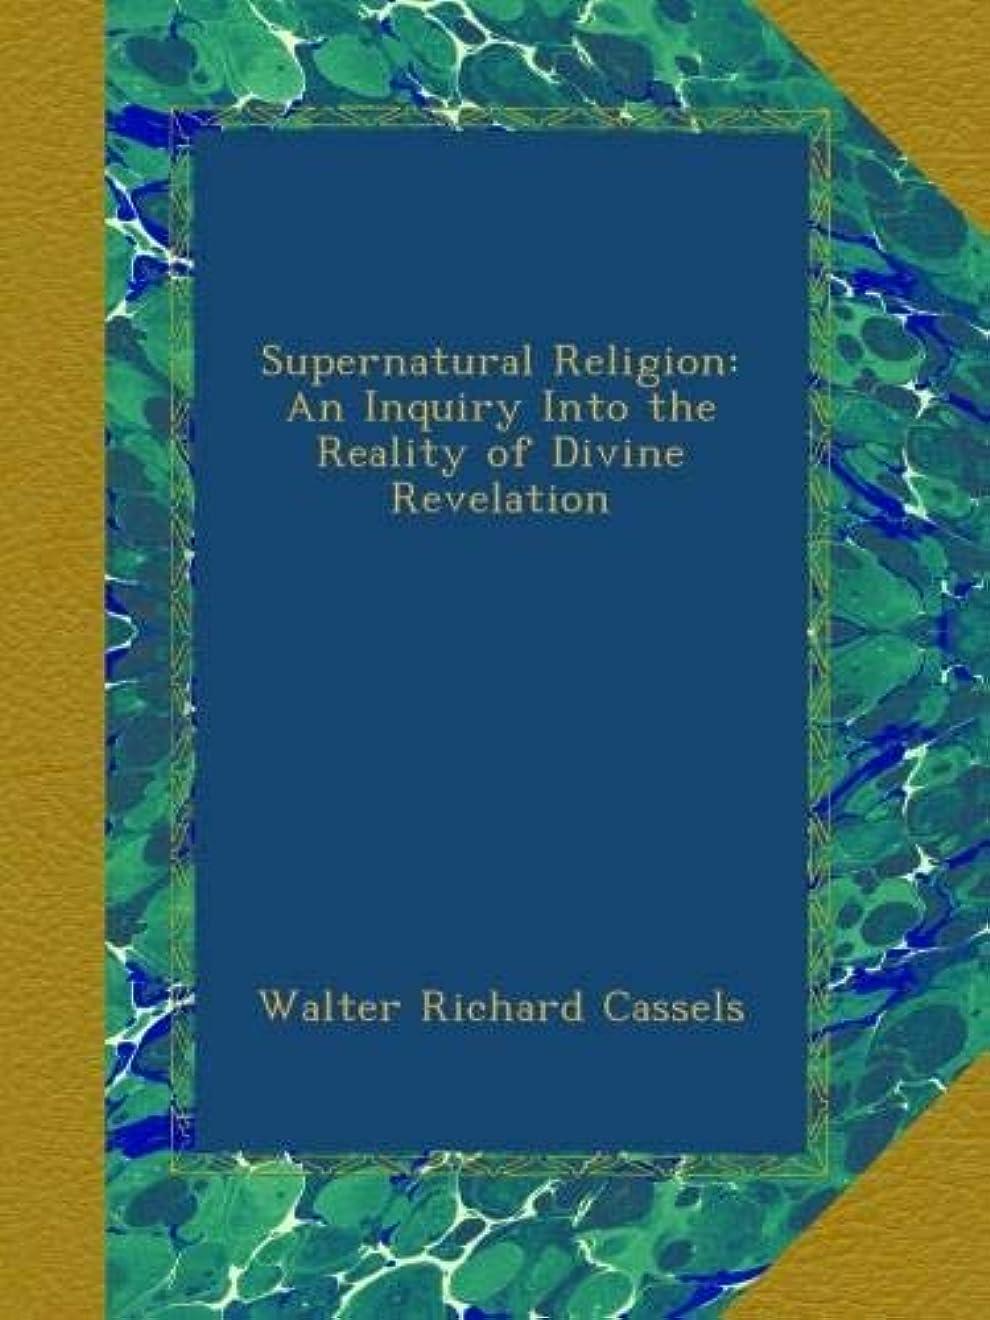 バッジ物足りない決定するSupernatural Religion: An Inquiry Into the Reality of Divine Revelation